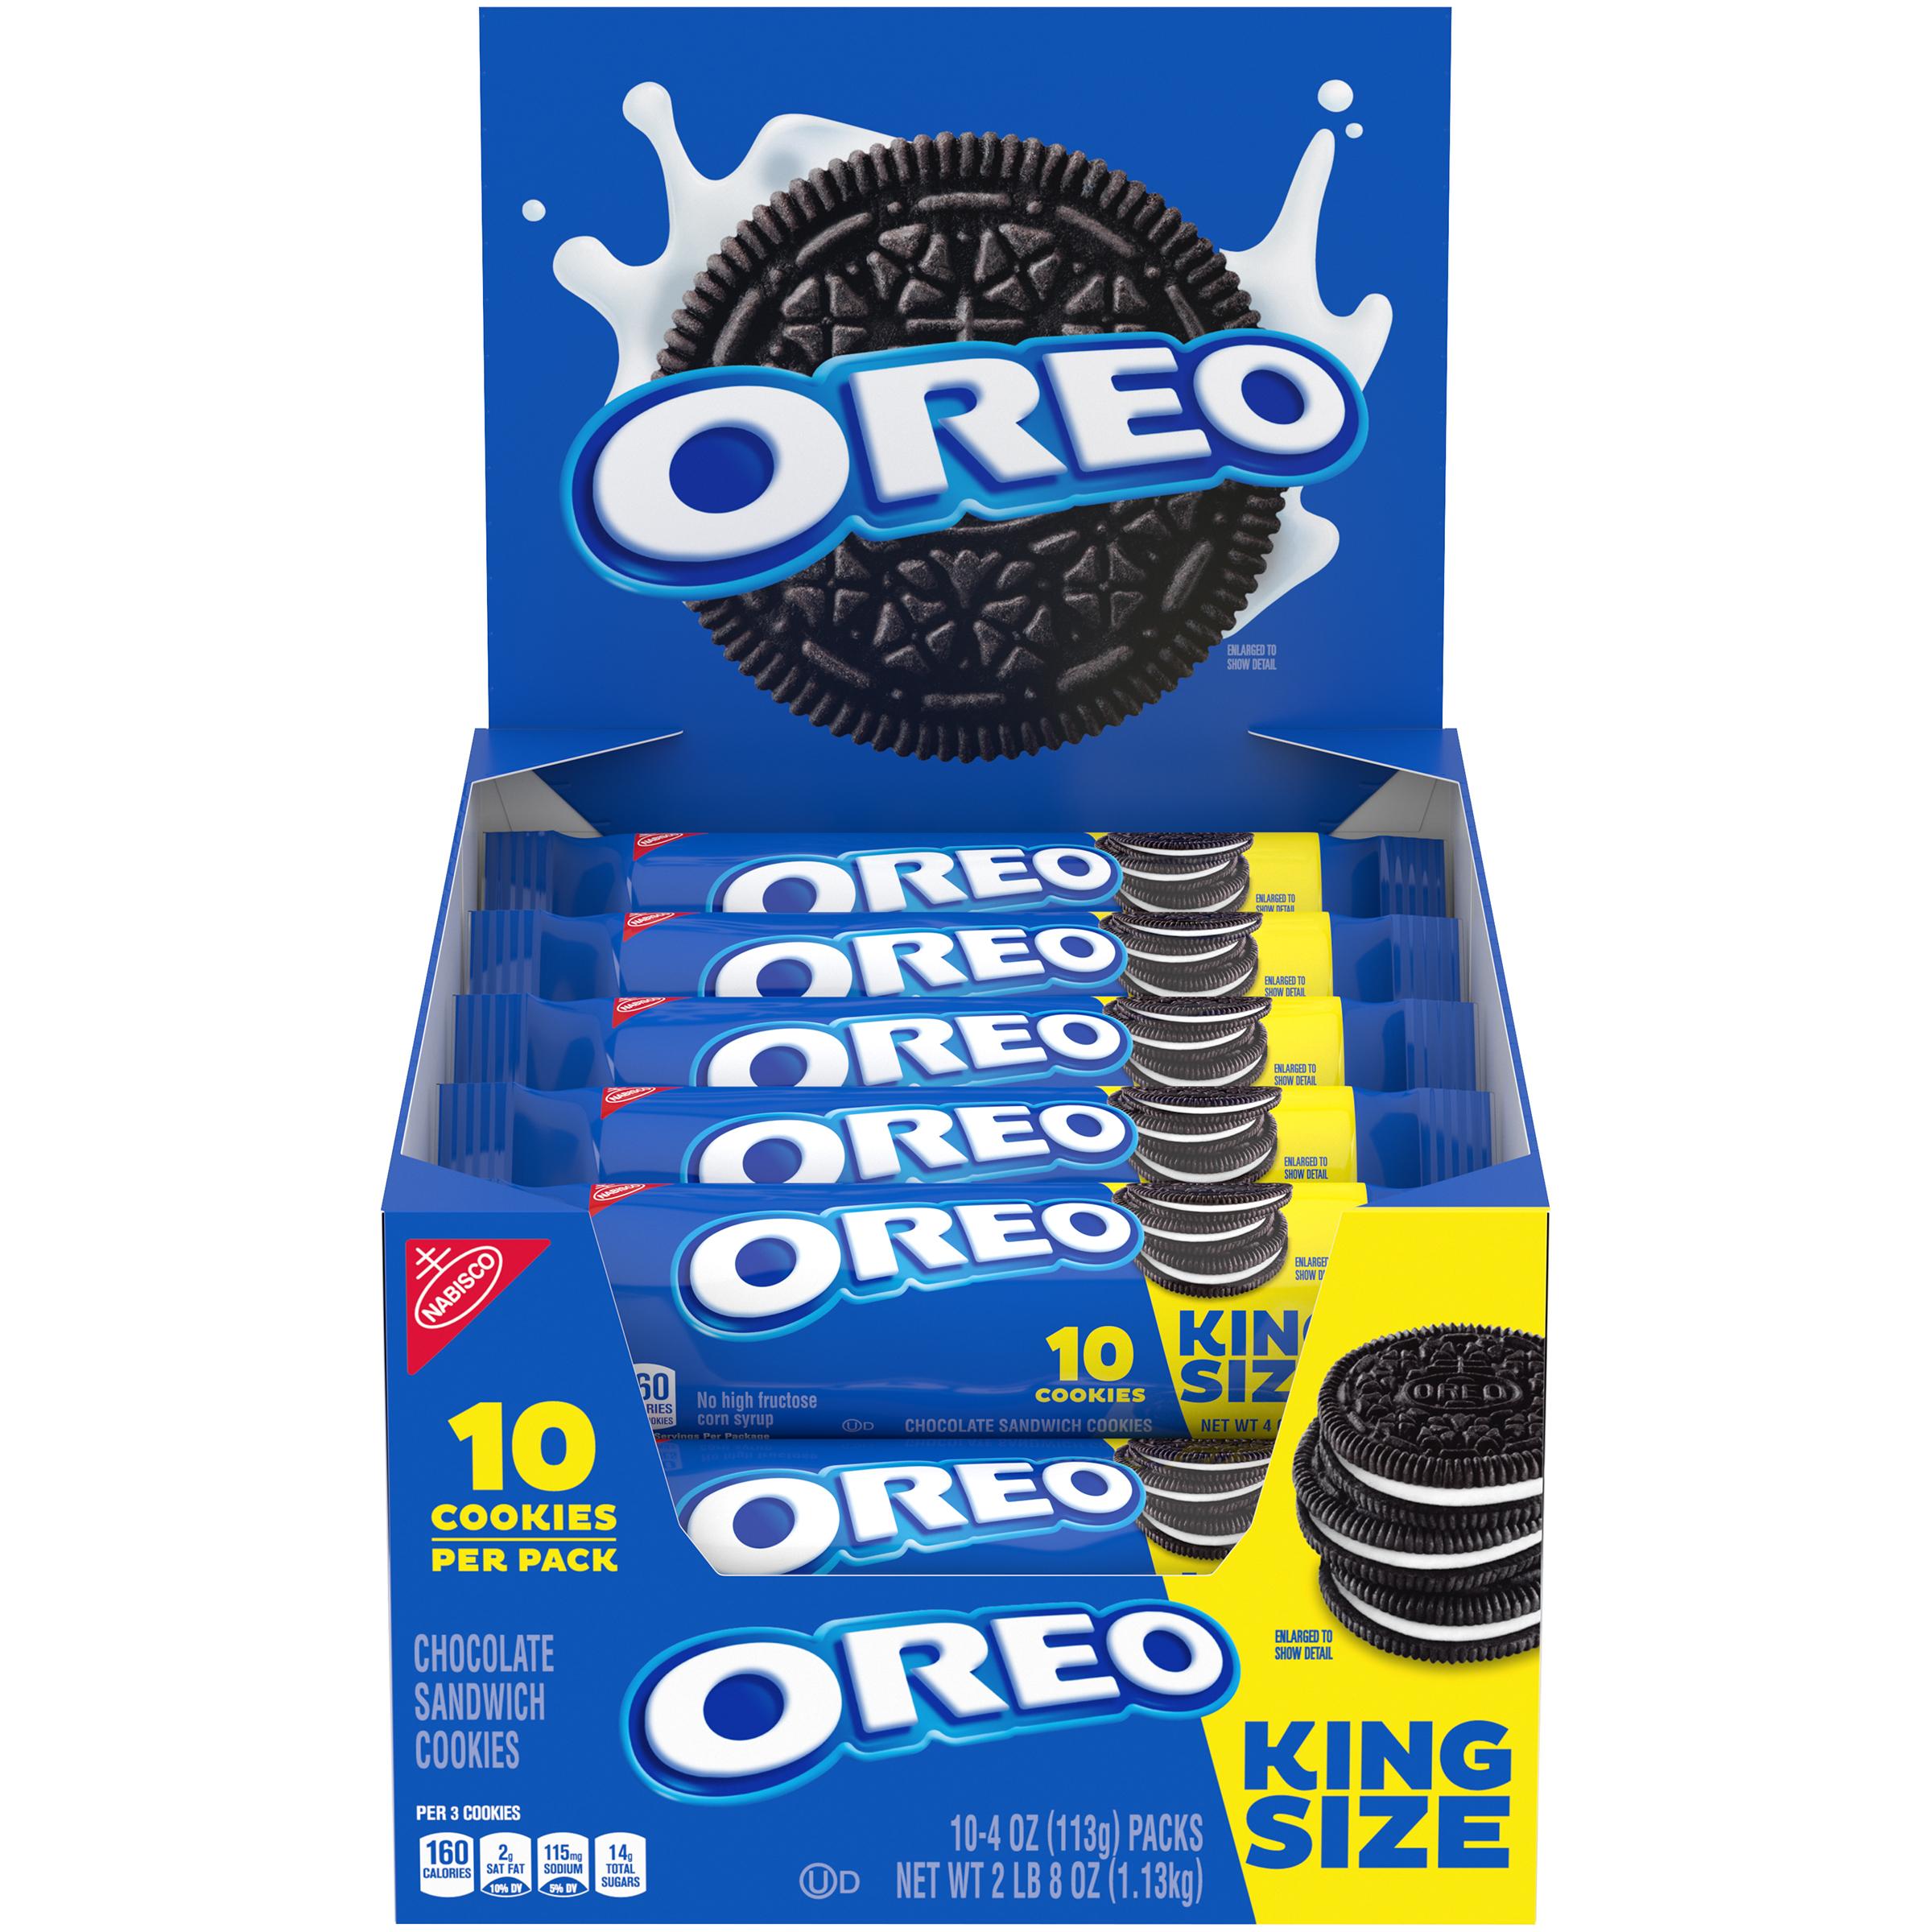 OREO King Size Cookies 40 oz